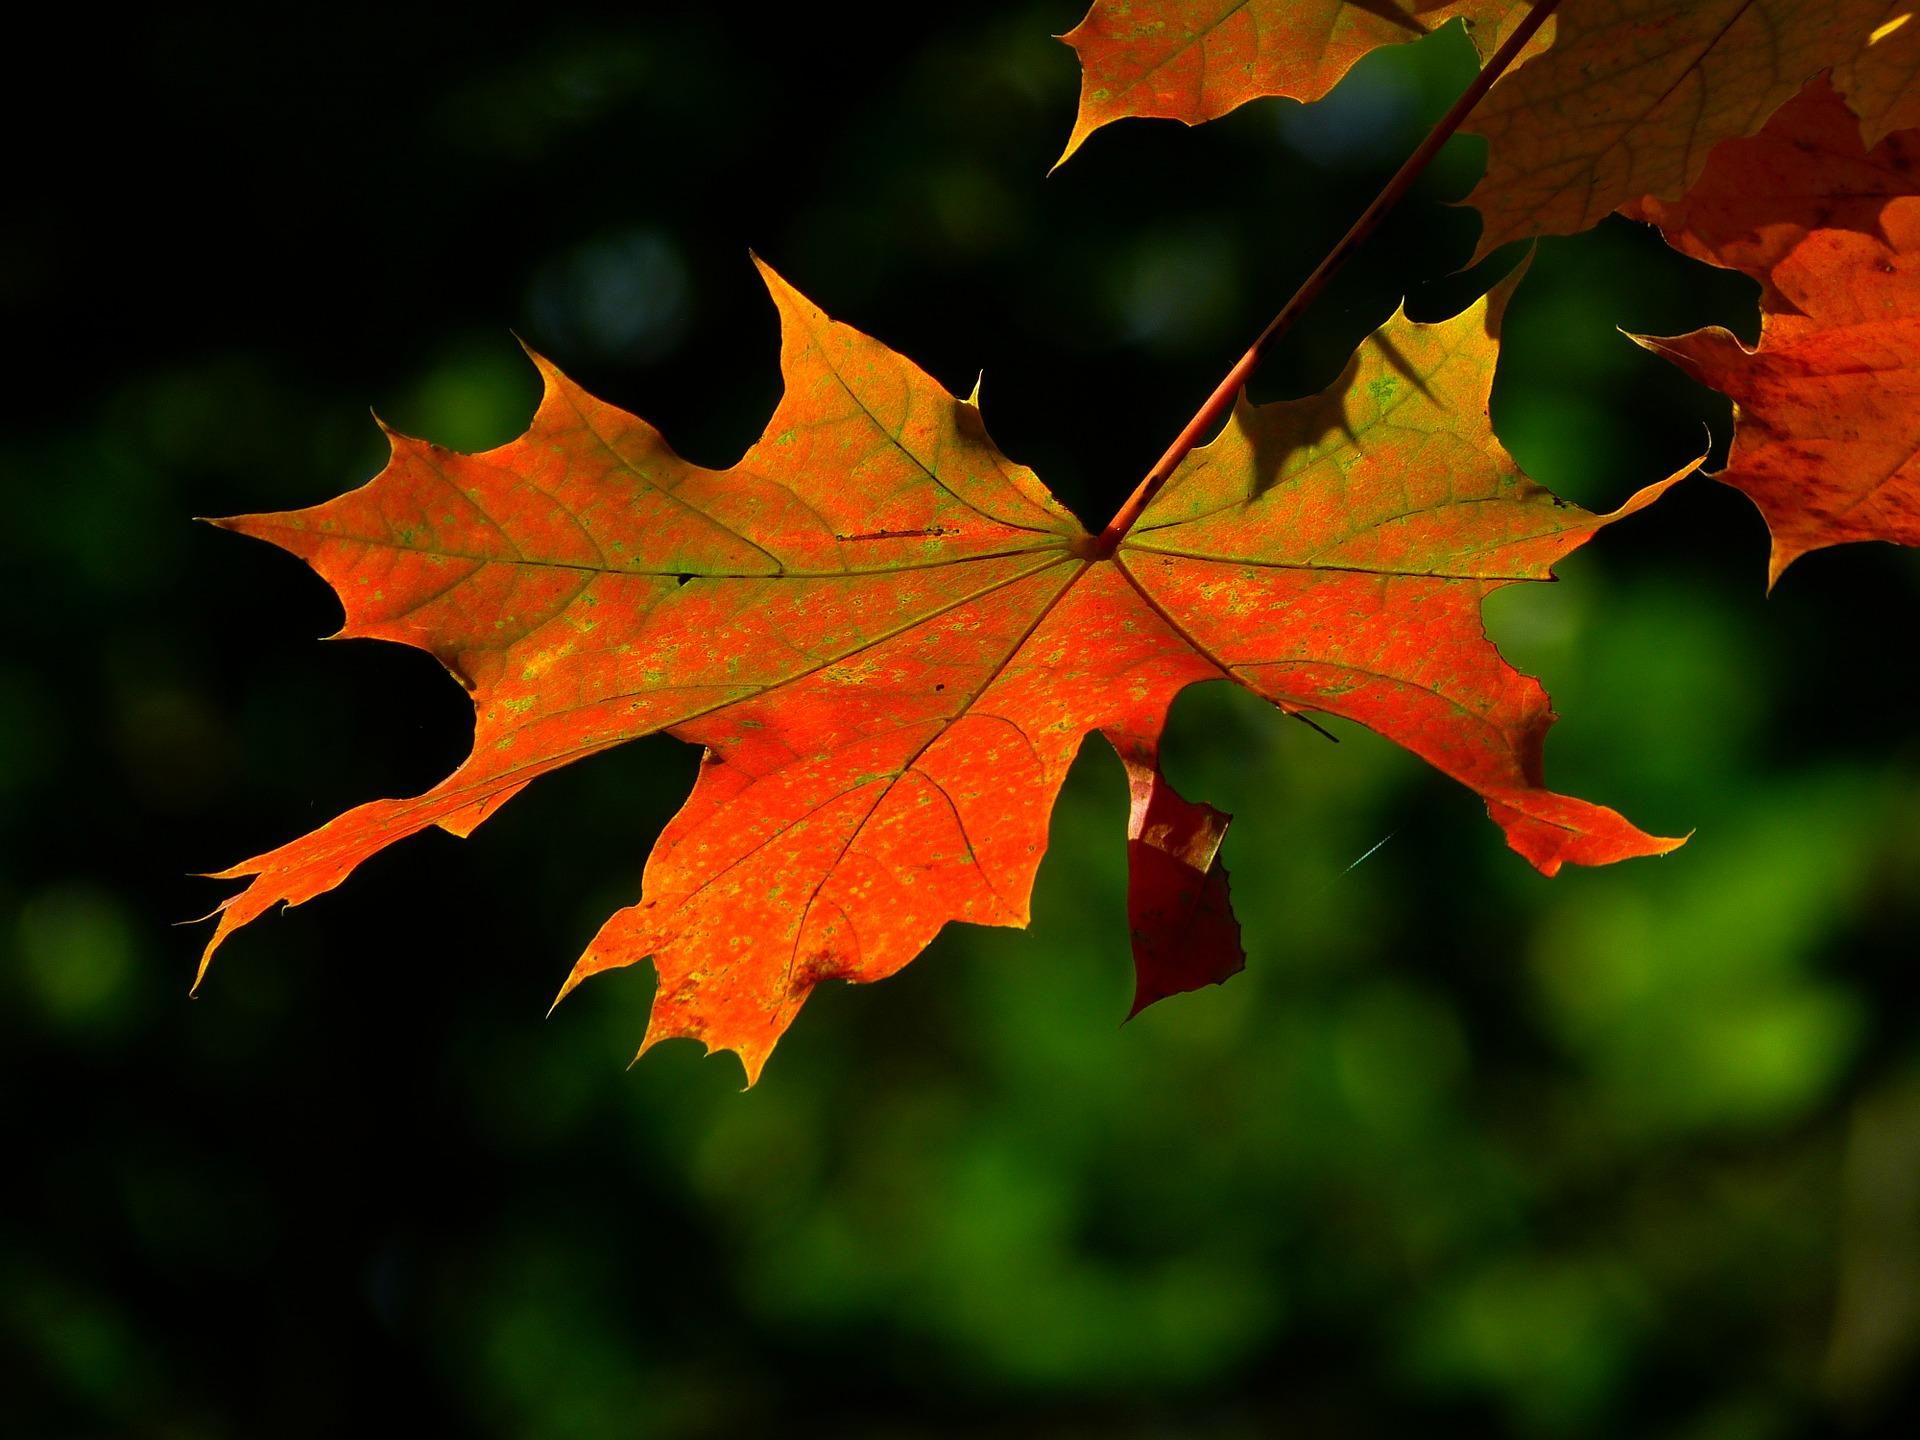 autumn-196566_1920